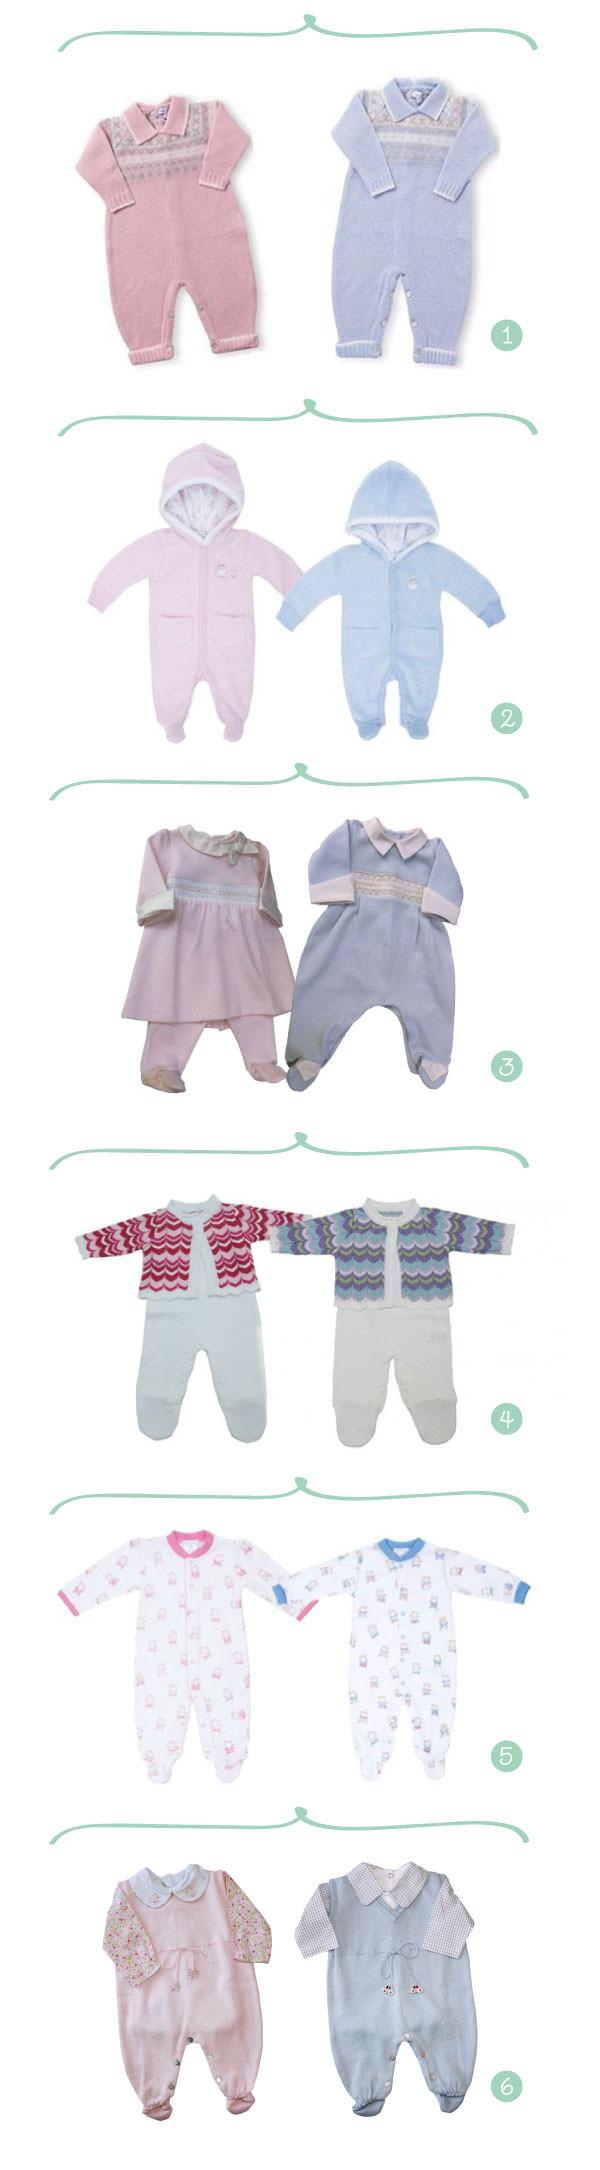 comprinhas-roupas-bebe-rosa-e-azul